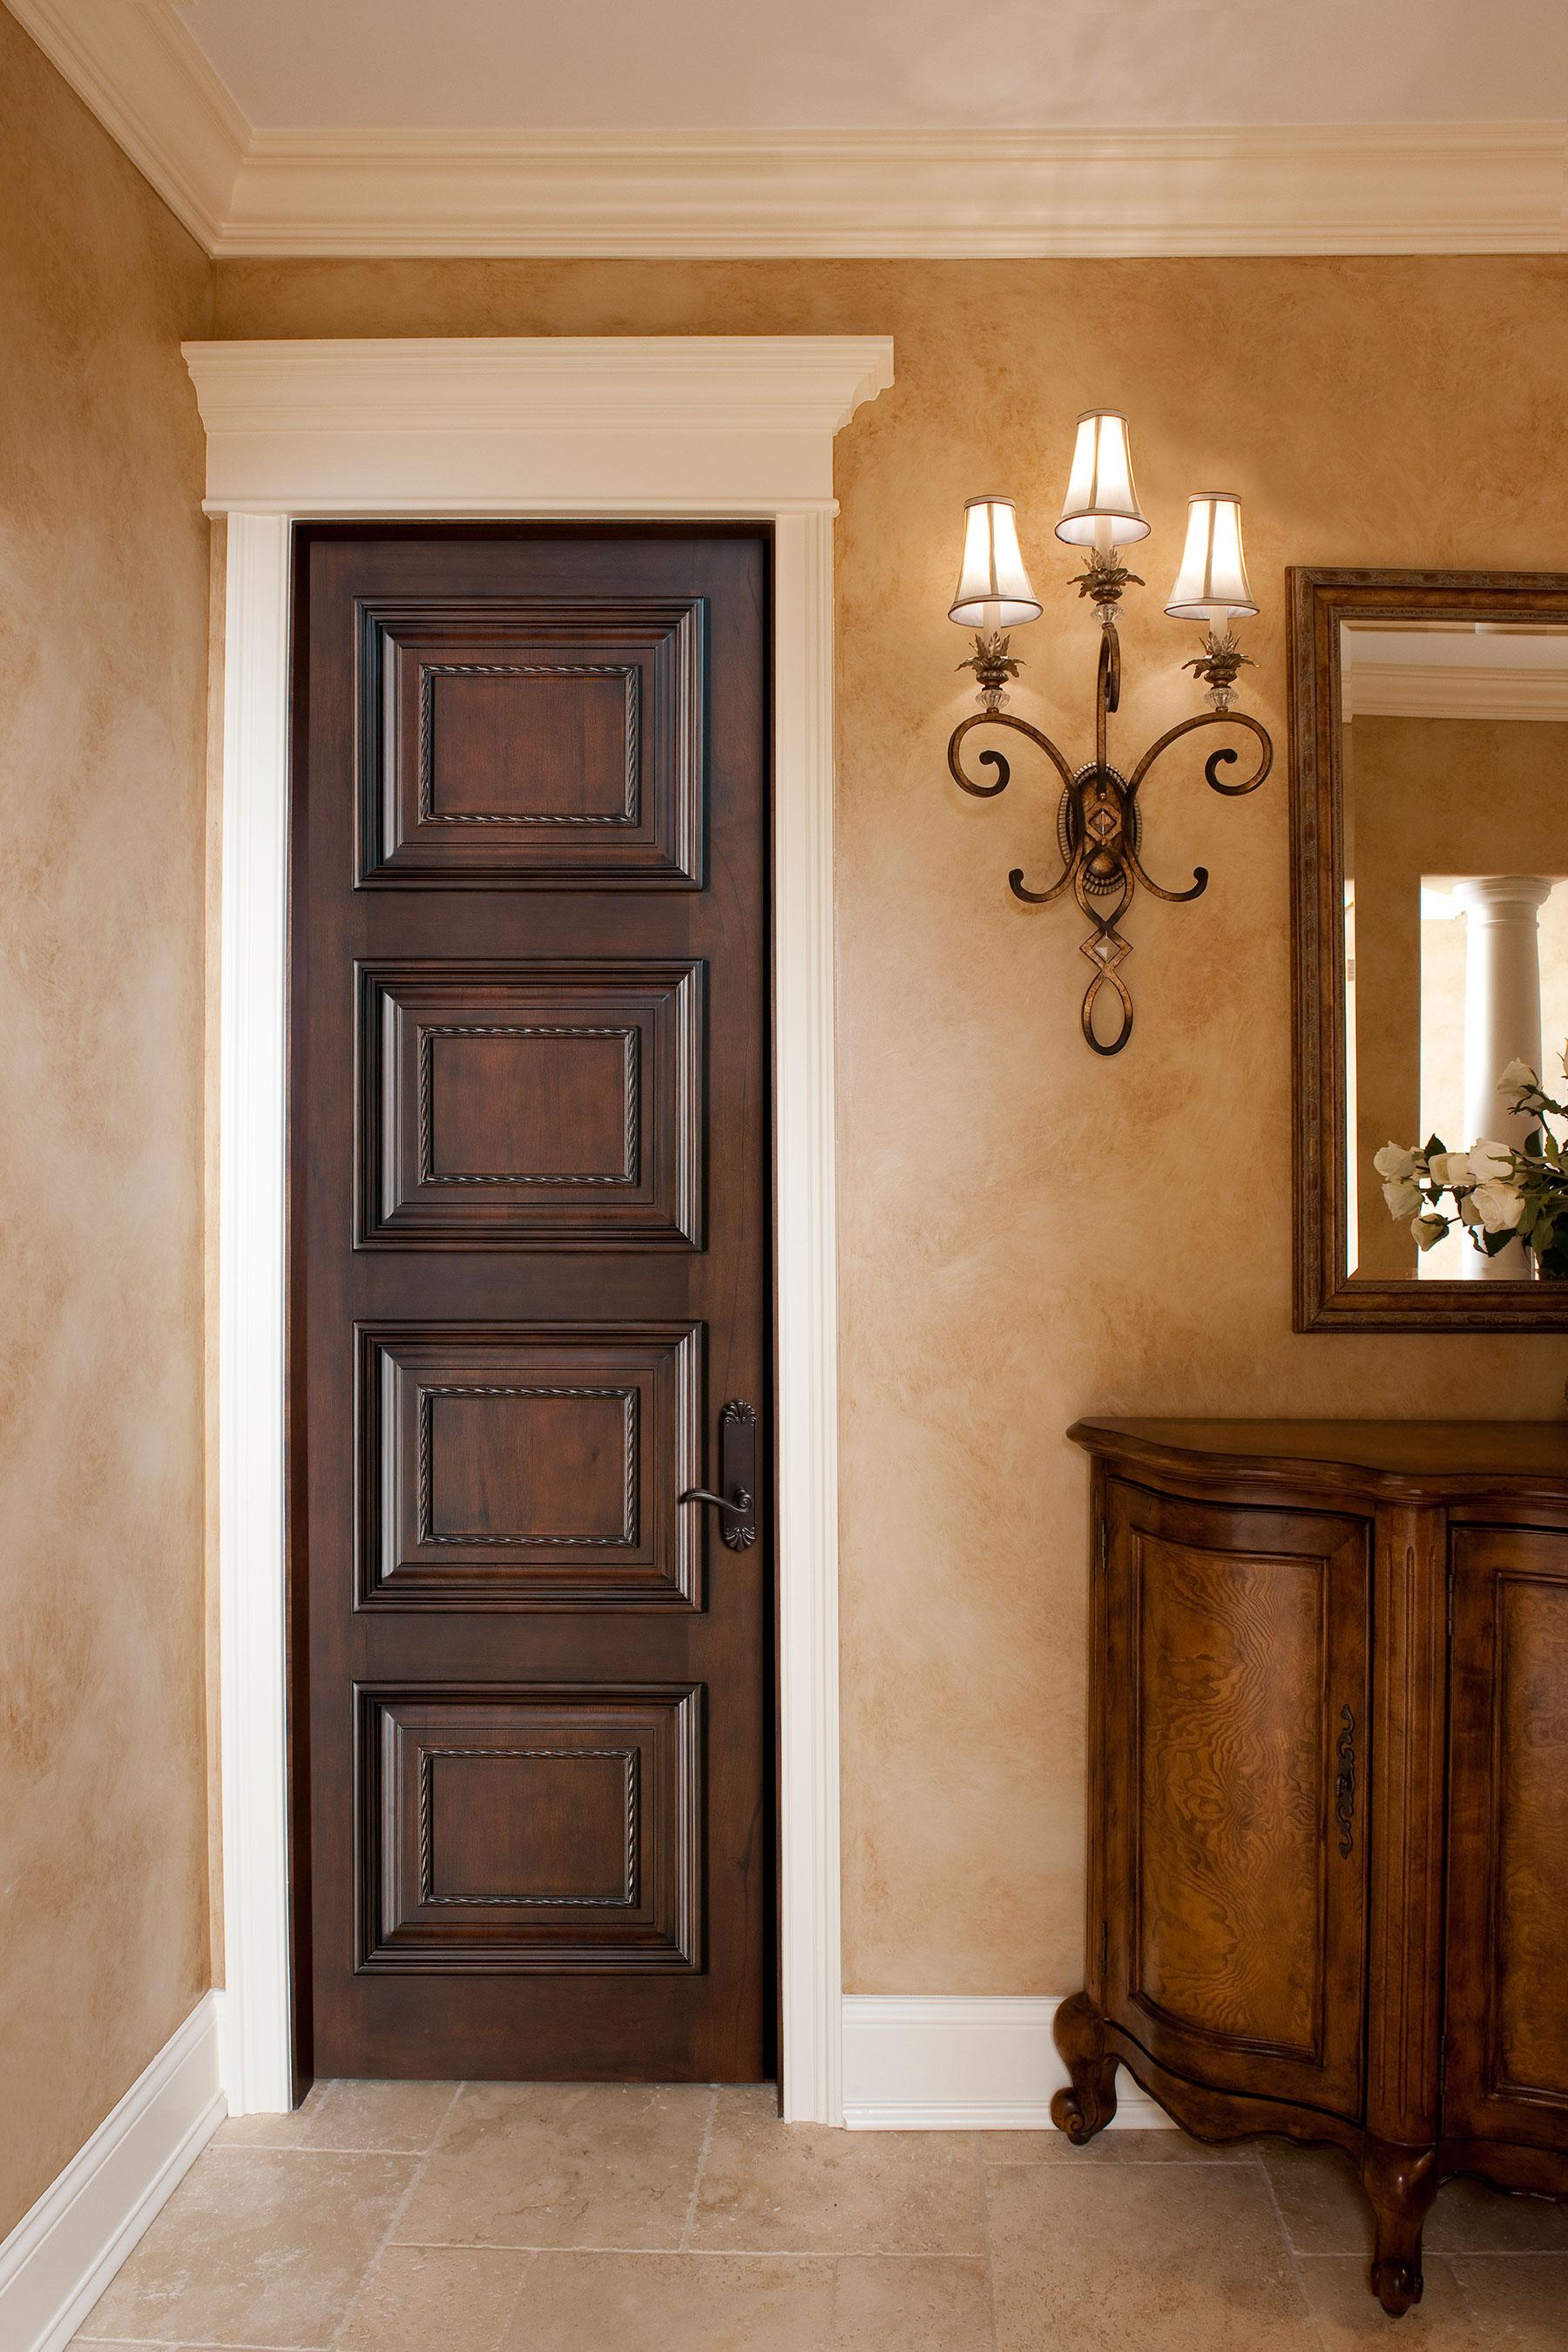 Custom Wood Interior Doors | Custom Interior  Door with Decorative bead and Raised Moulding DBI-4000D - Glenview Doors - Custom Doors in Chicago